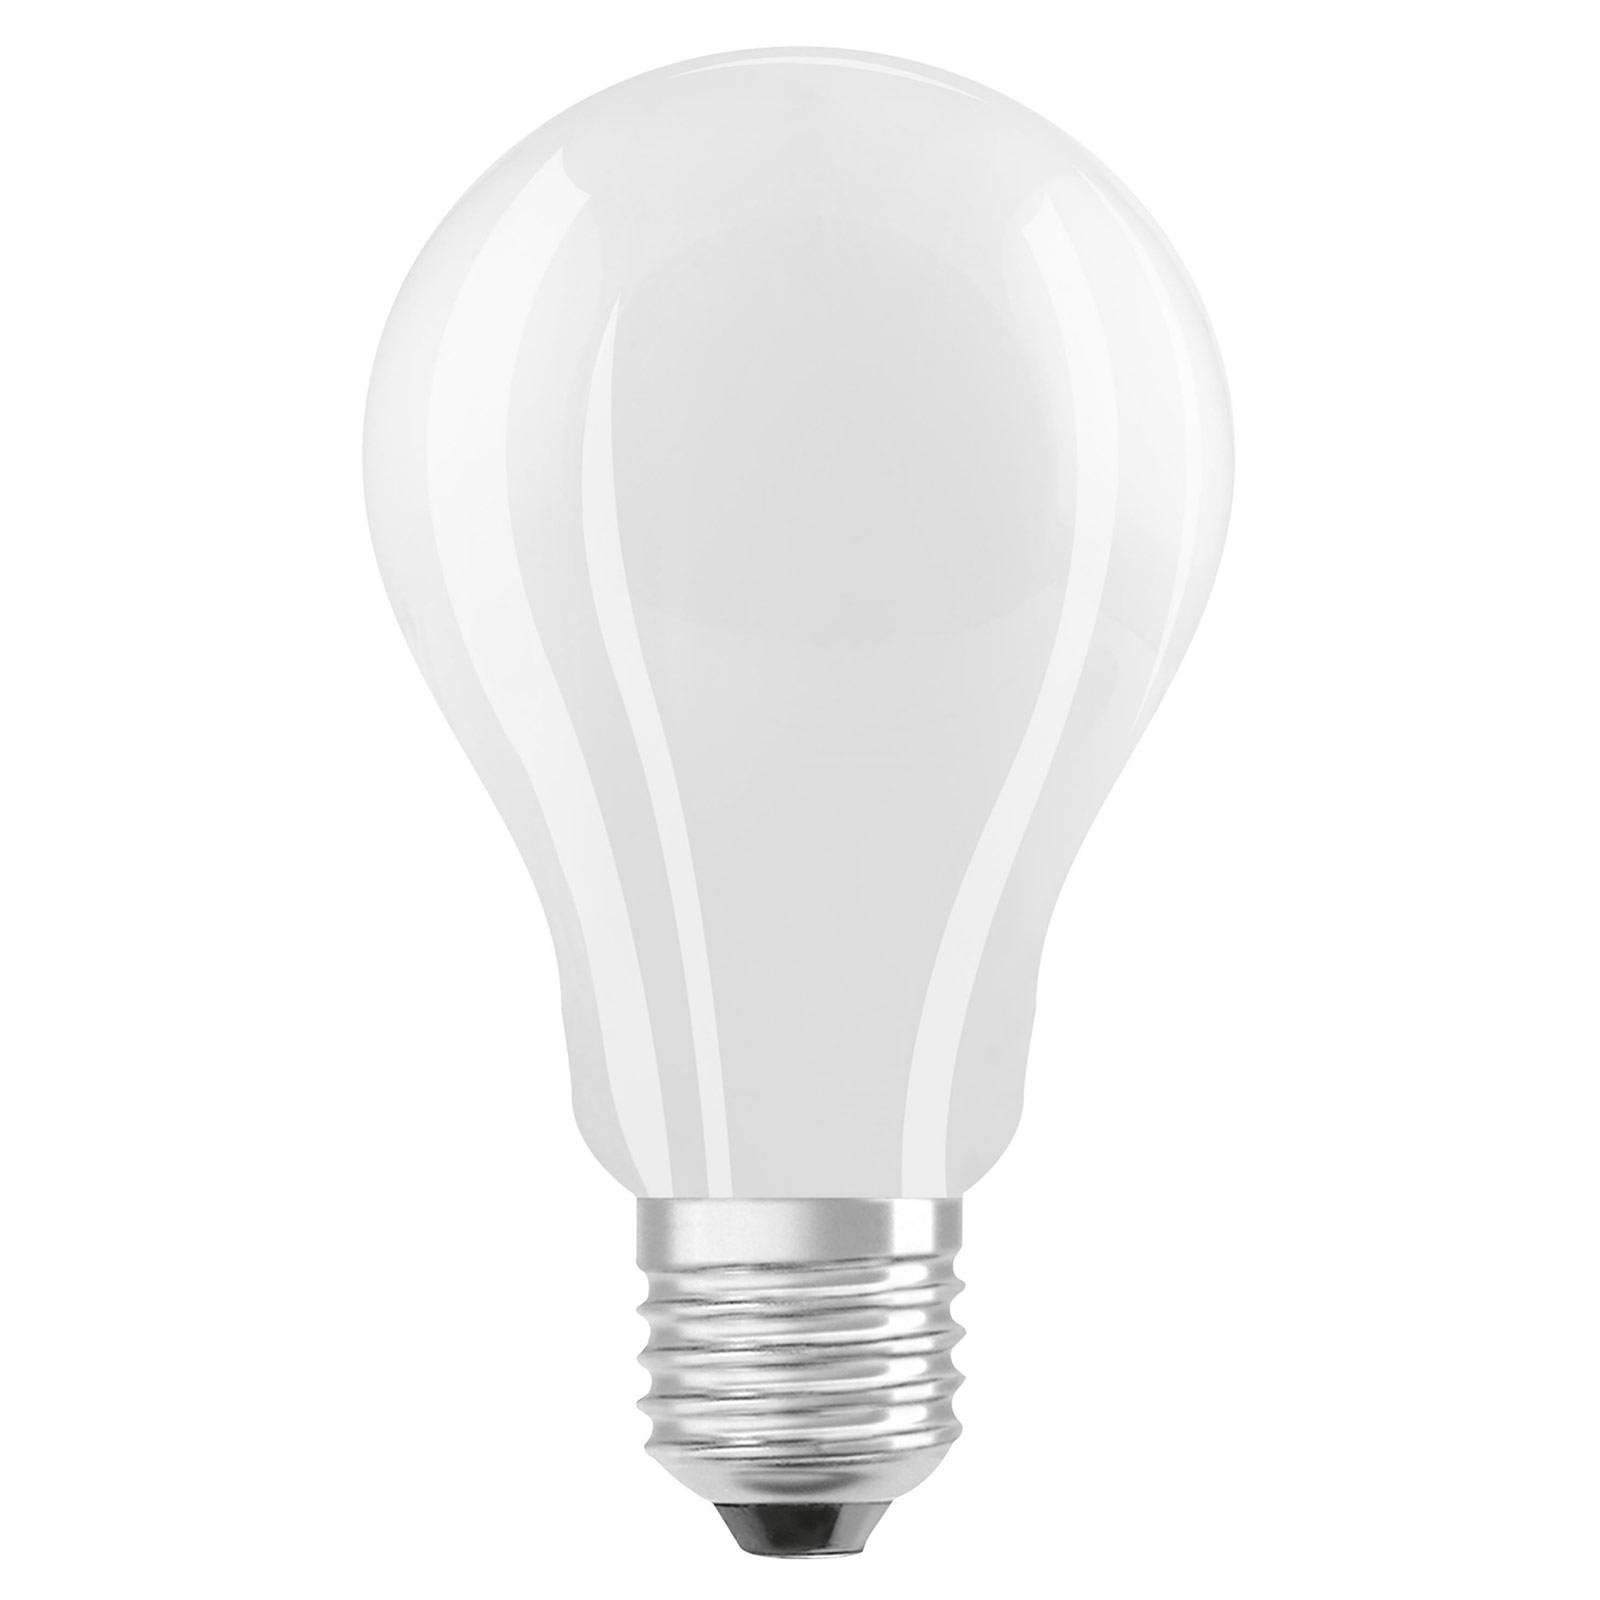 OSRAM-LED-lamppu E27 15W opaali 4 000 K